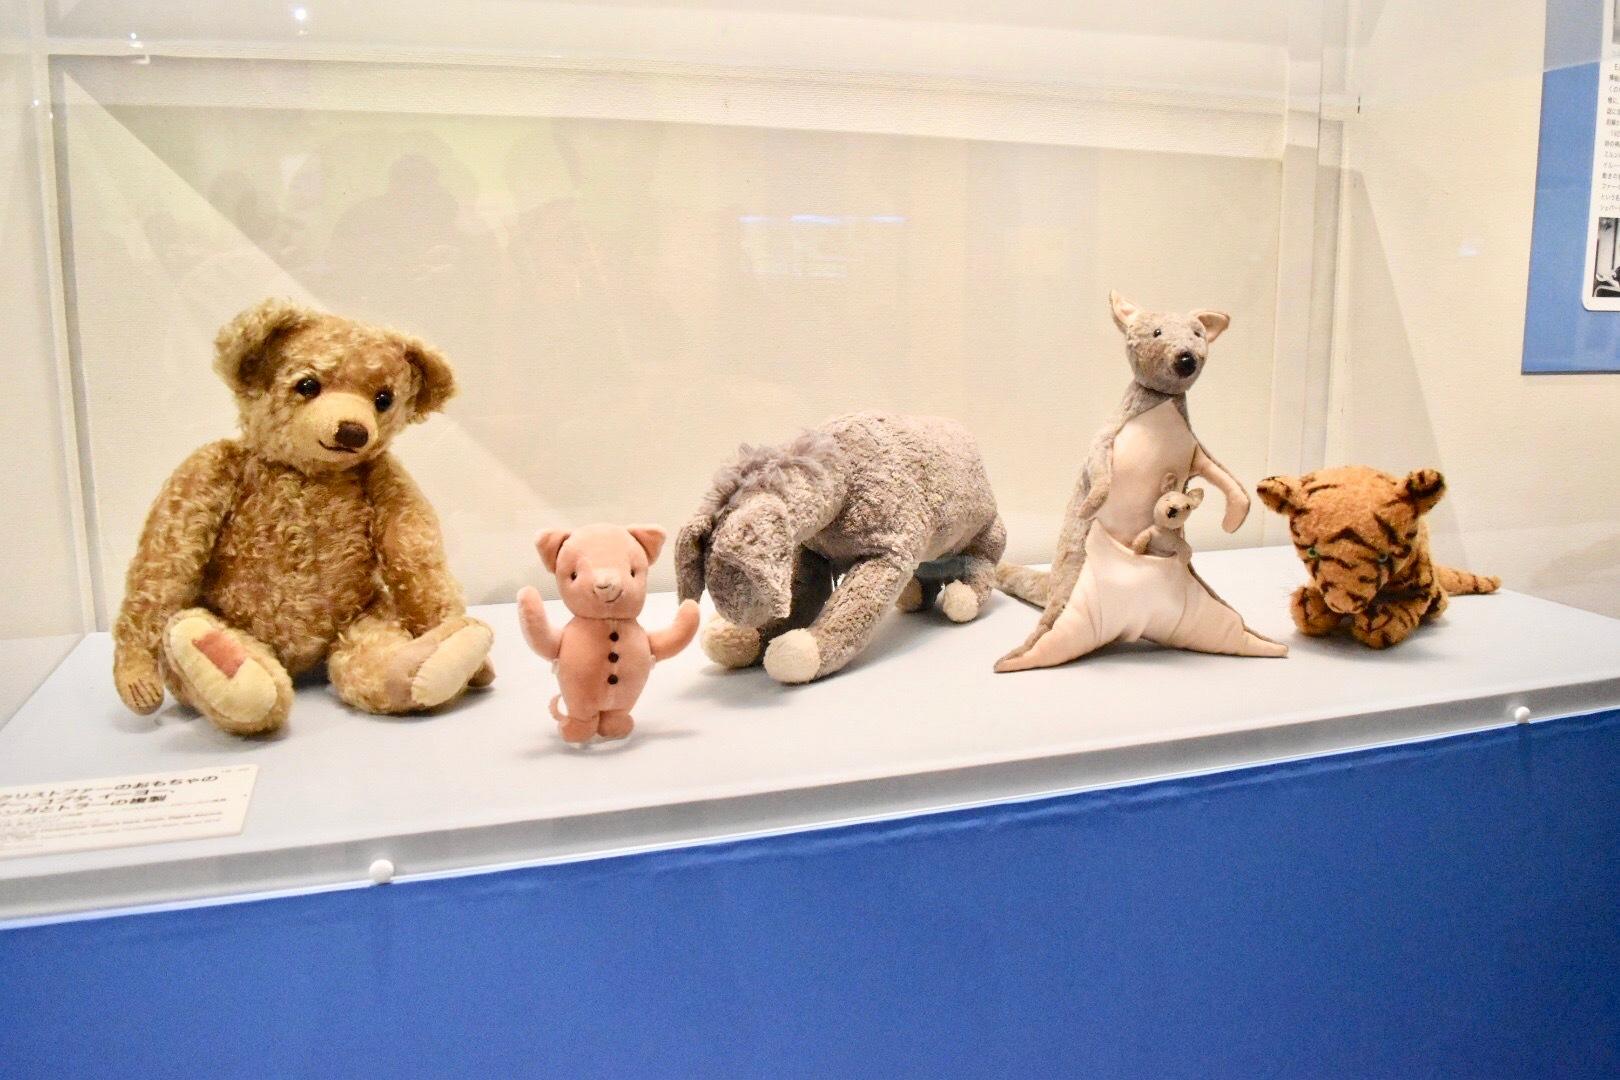 クリストファーのおもちゃのプー、コブタ、イーヨー、カンガとトラーの複製 2016年頃 フォックス・サーチライトピクチャーズ所蔵